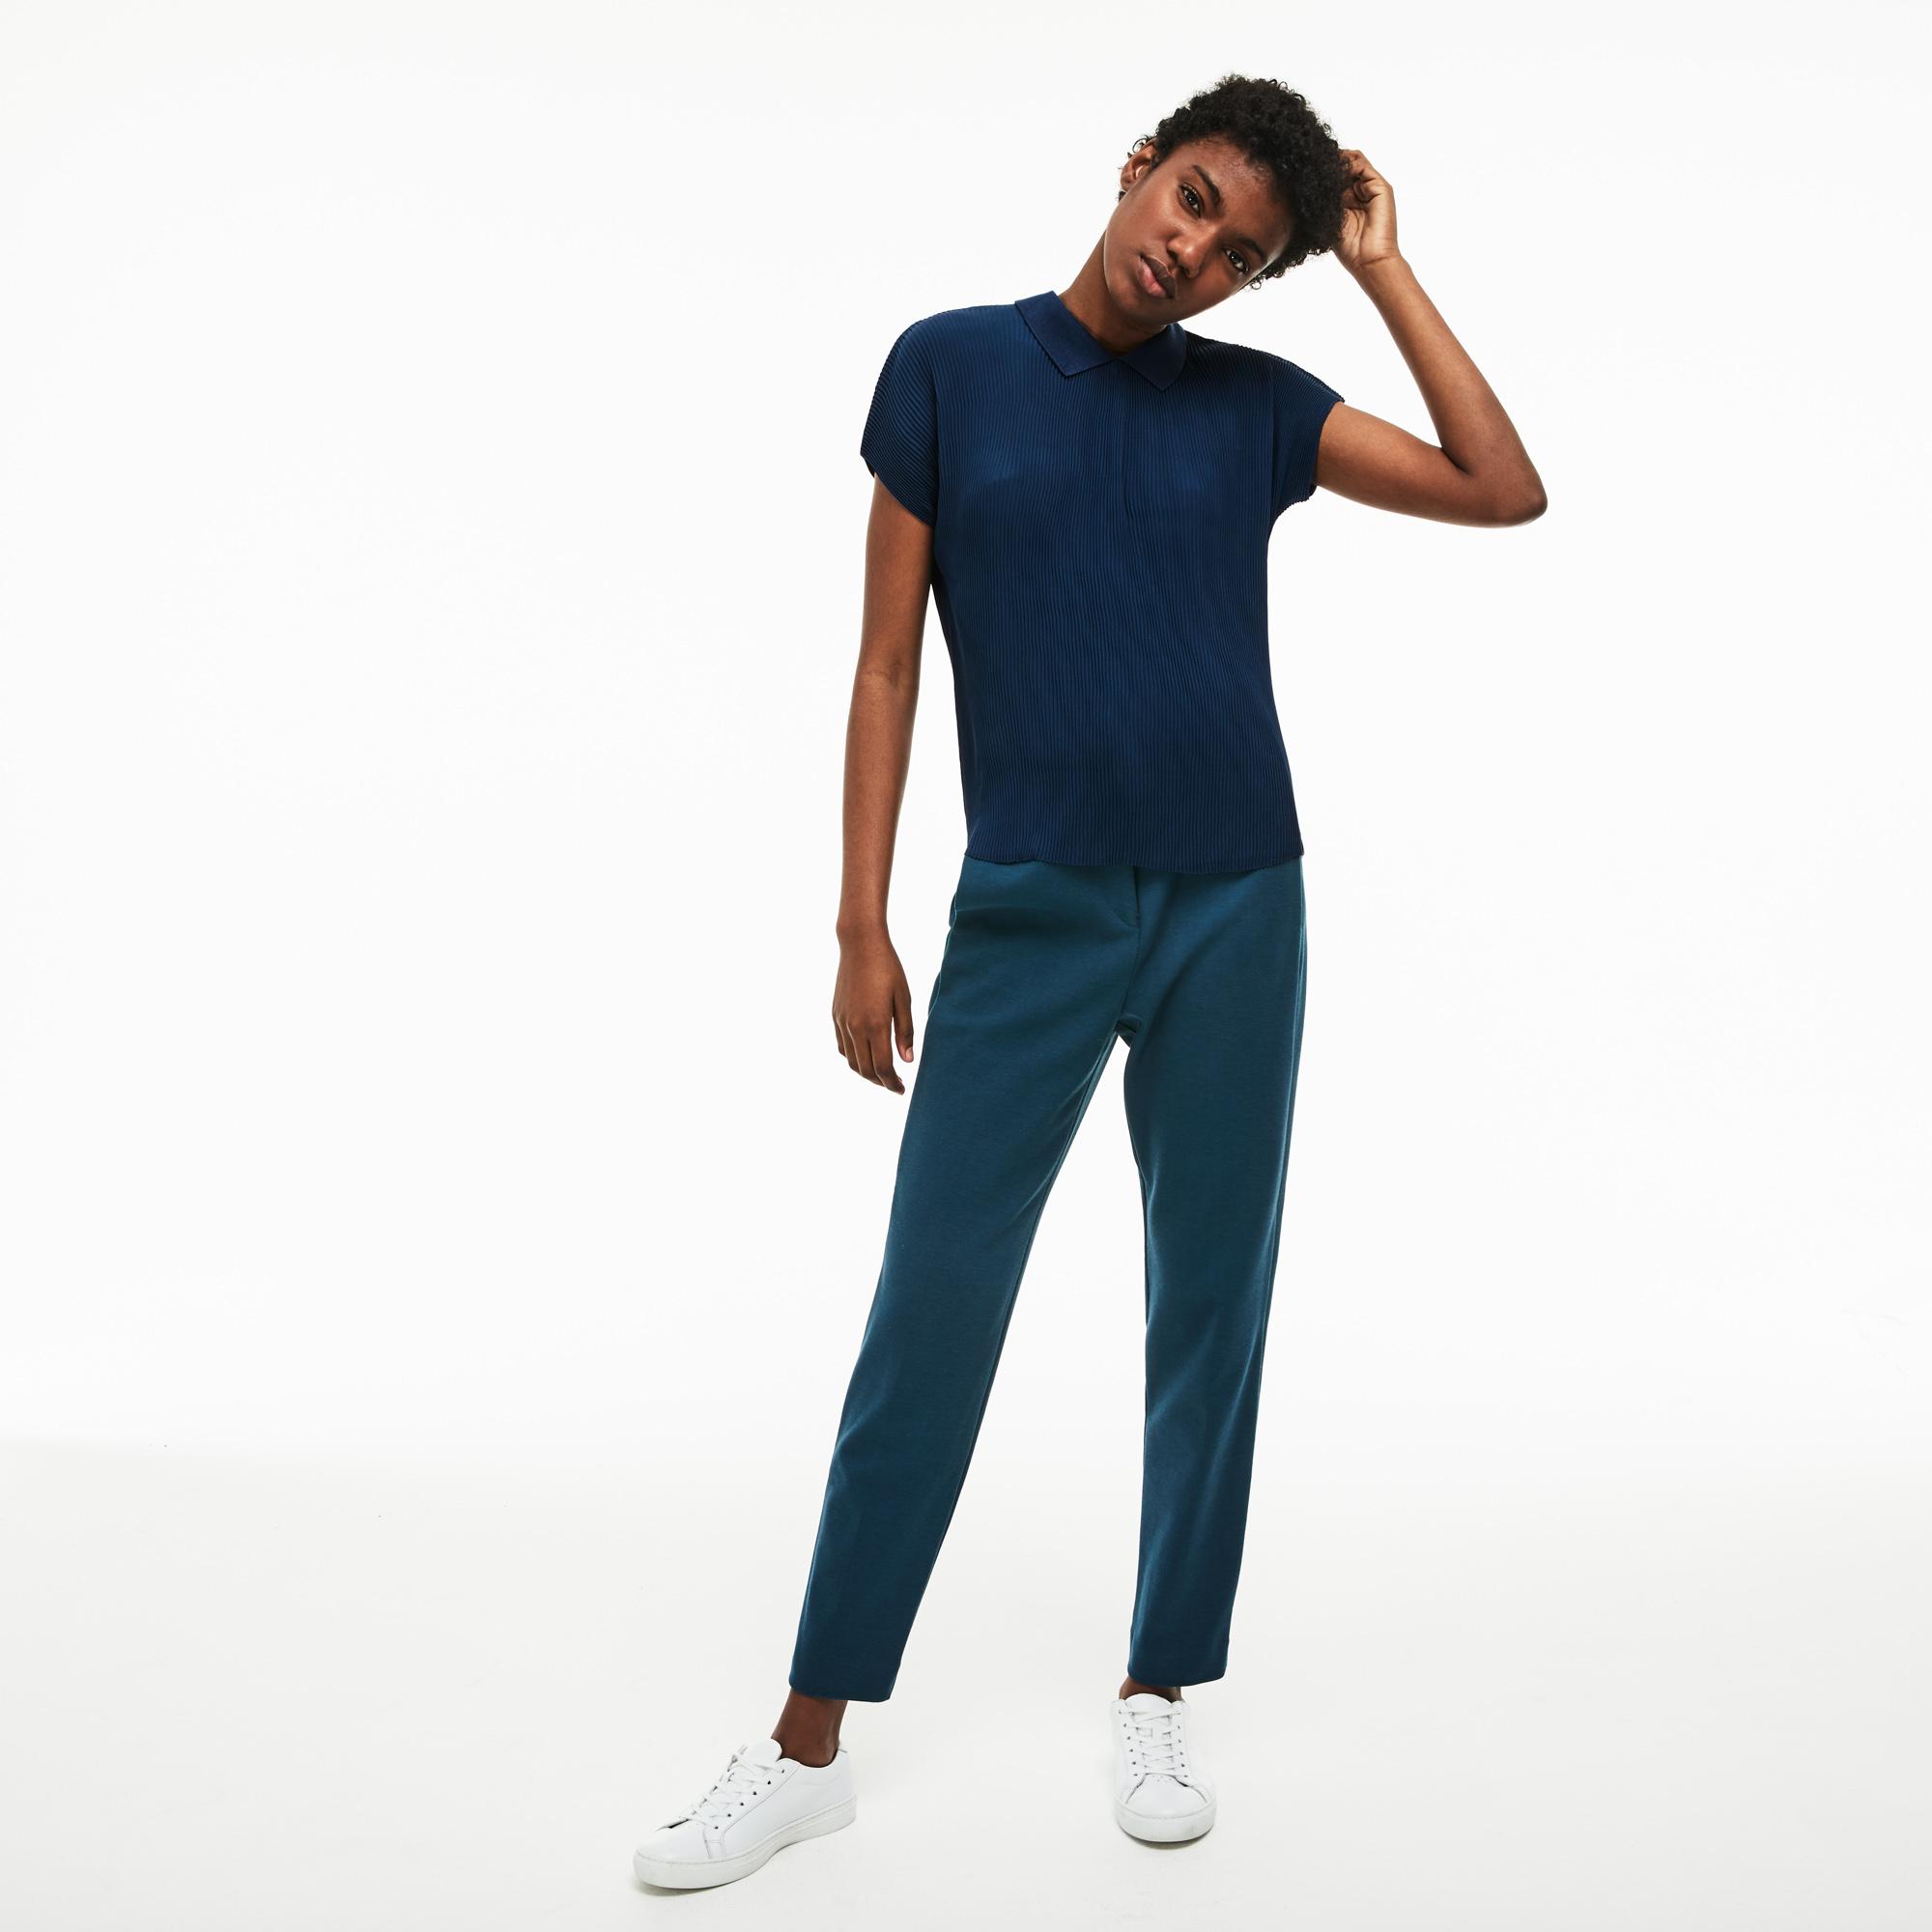 Рубашка LacosteБлузы и рубашки<br>100% полиэстер